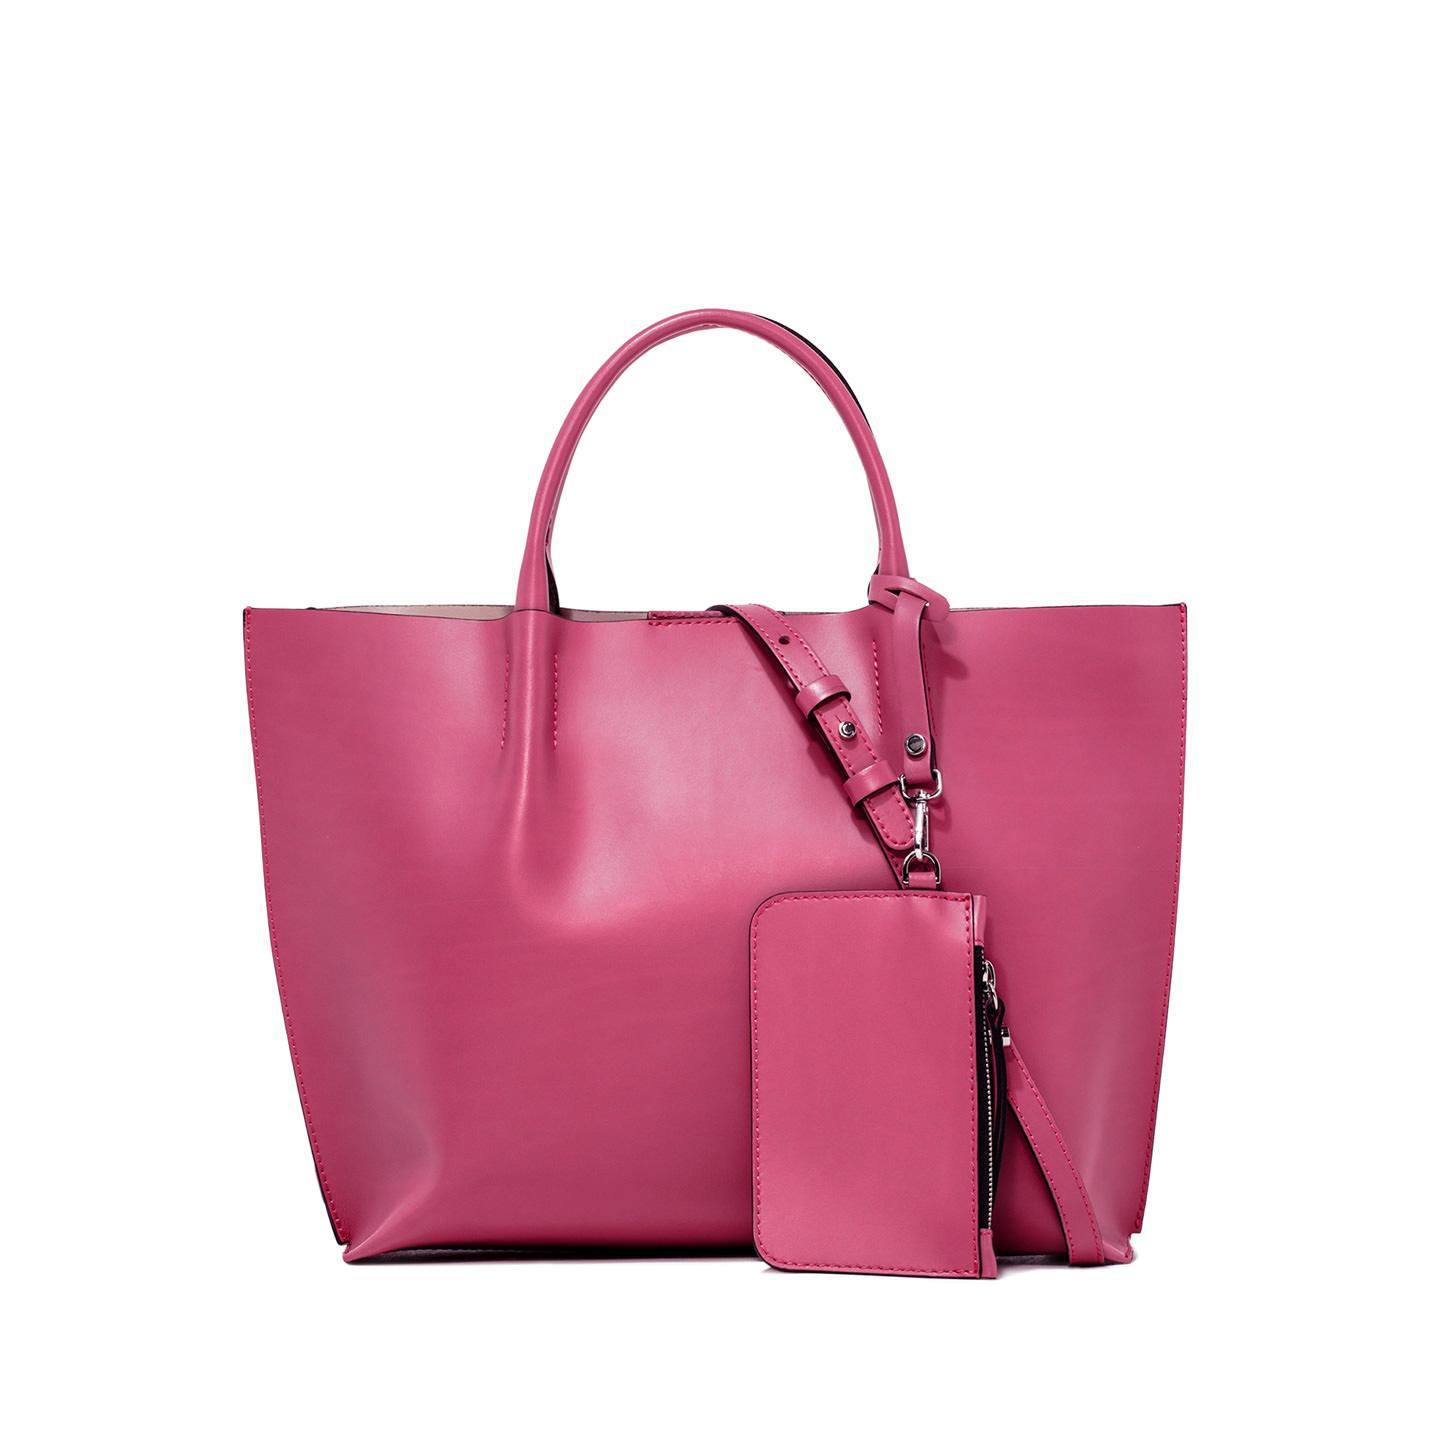 GIANNI CHIARINI: TWENTY MEDIUM PINK SHOPPING BAG